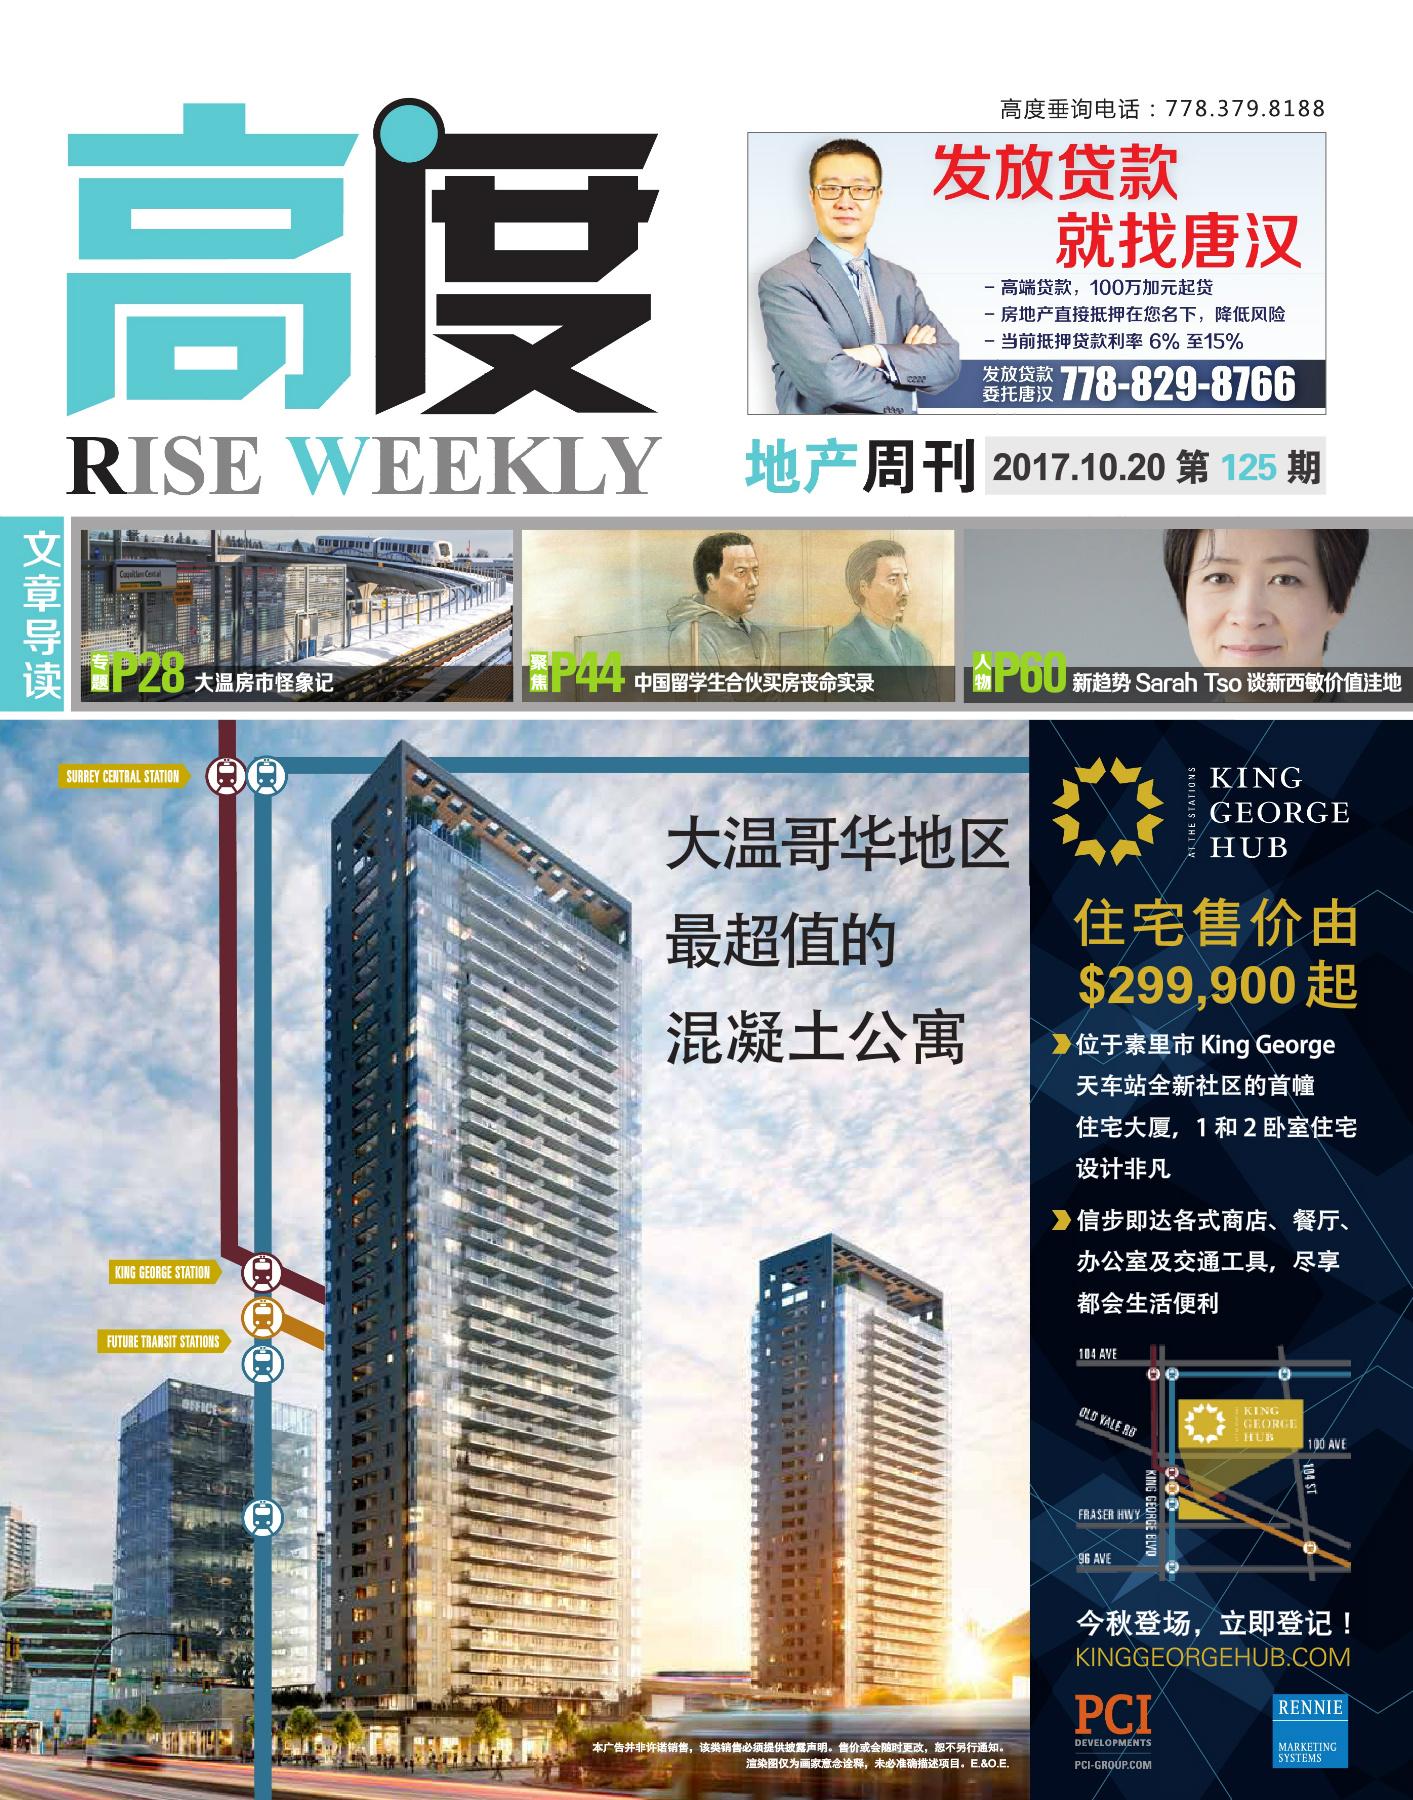 高度地产周刊 2017年10月20日 第125期